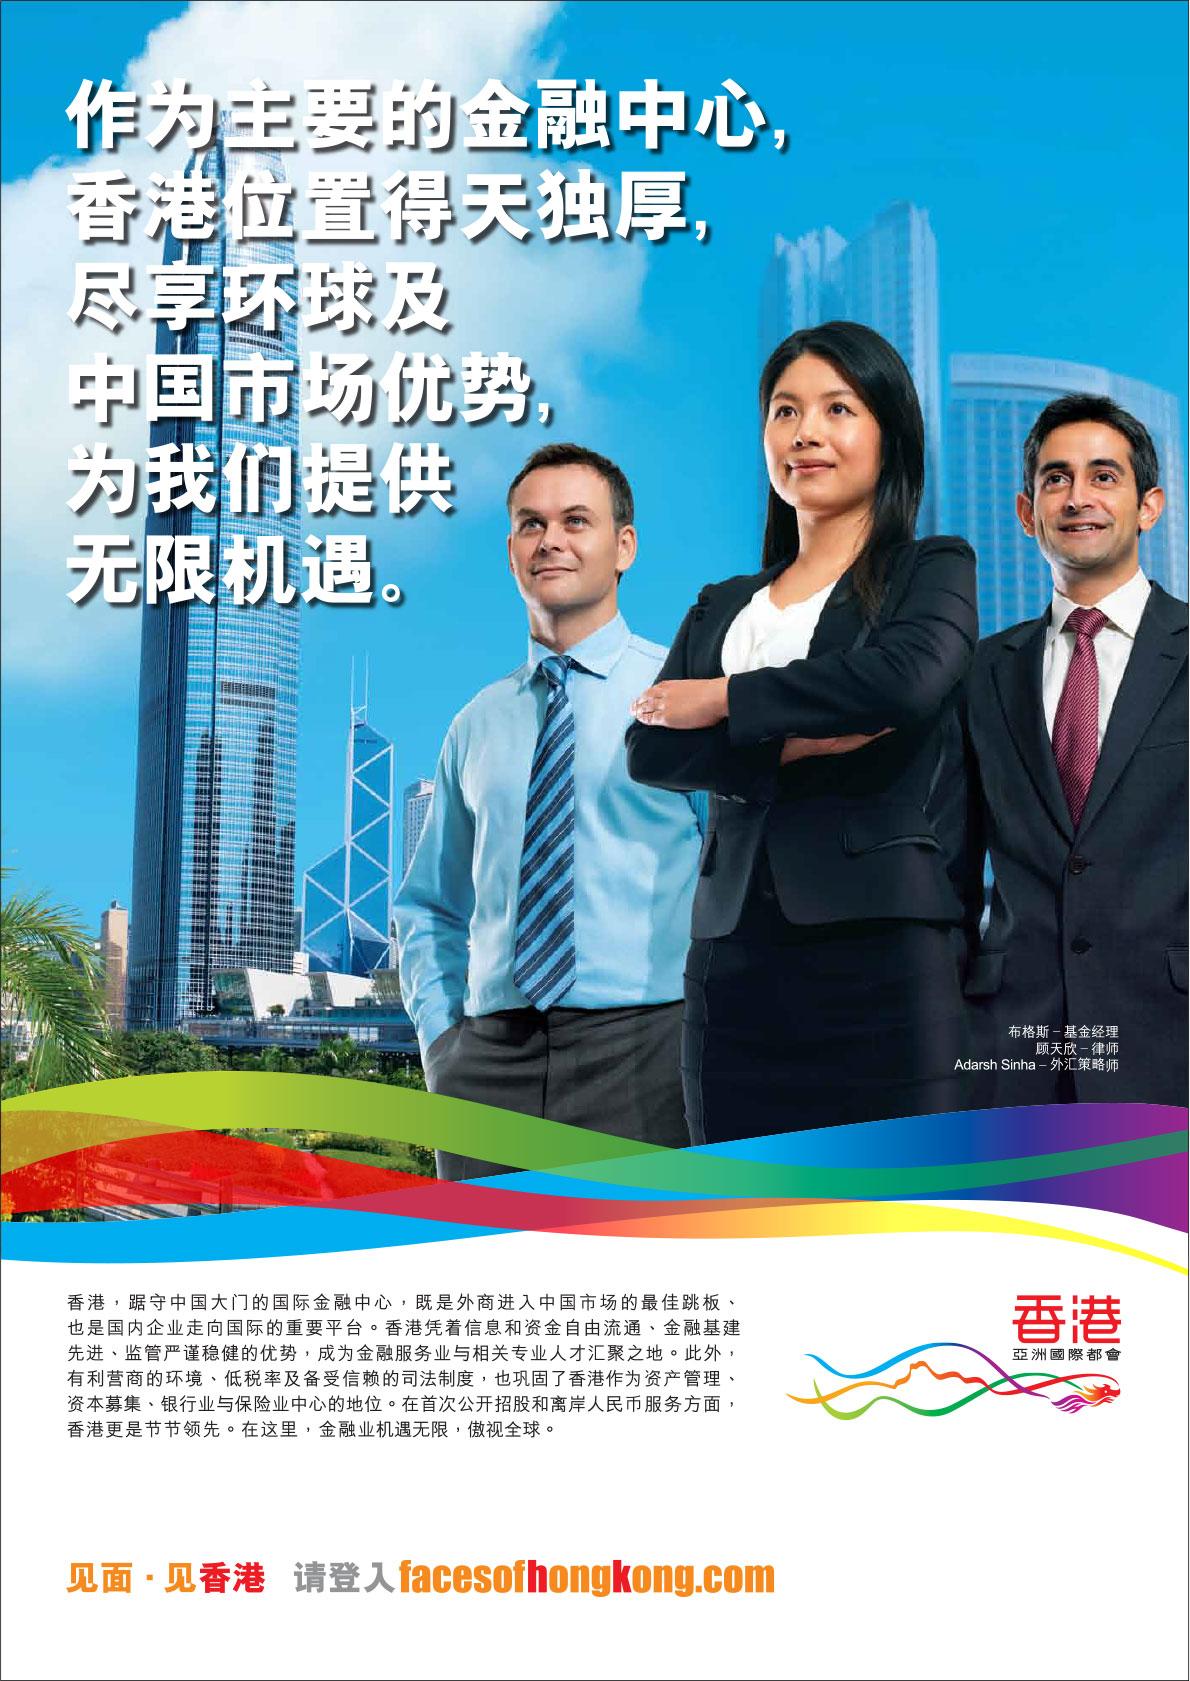 见面 • 见香港 - 布格斯, 顾天欣, Adarsh Sinha